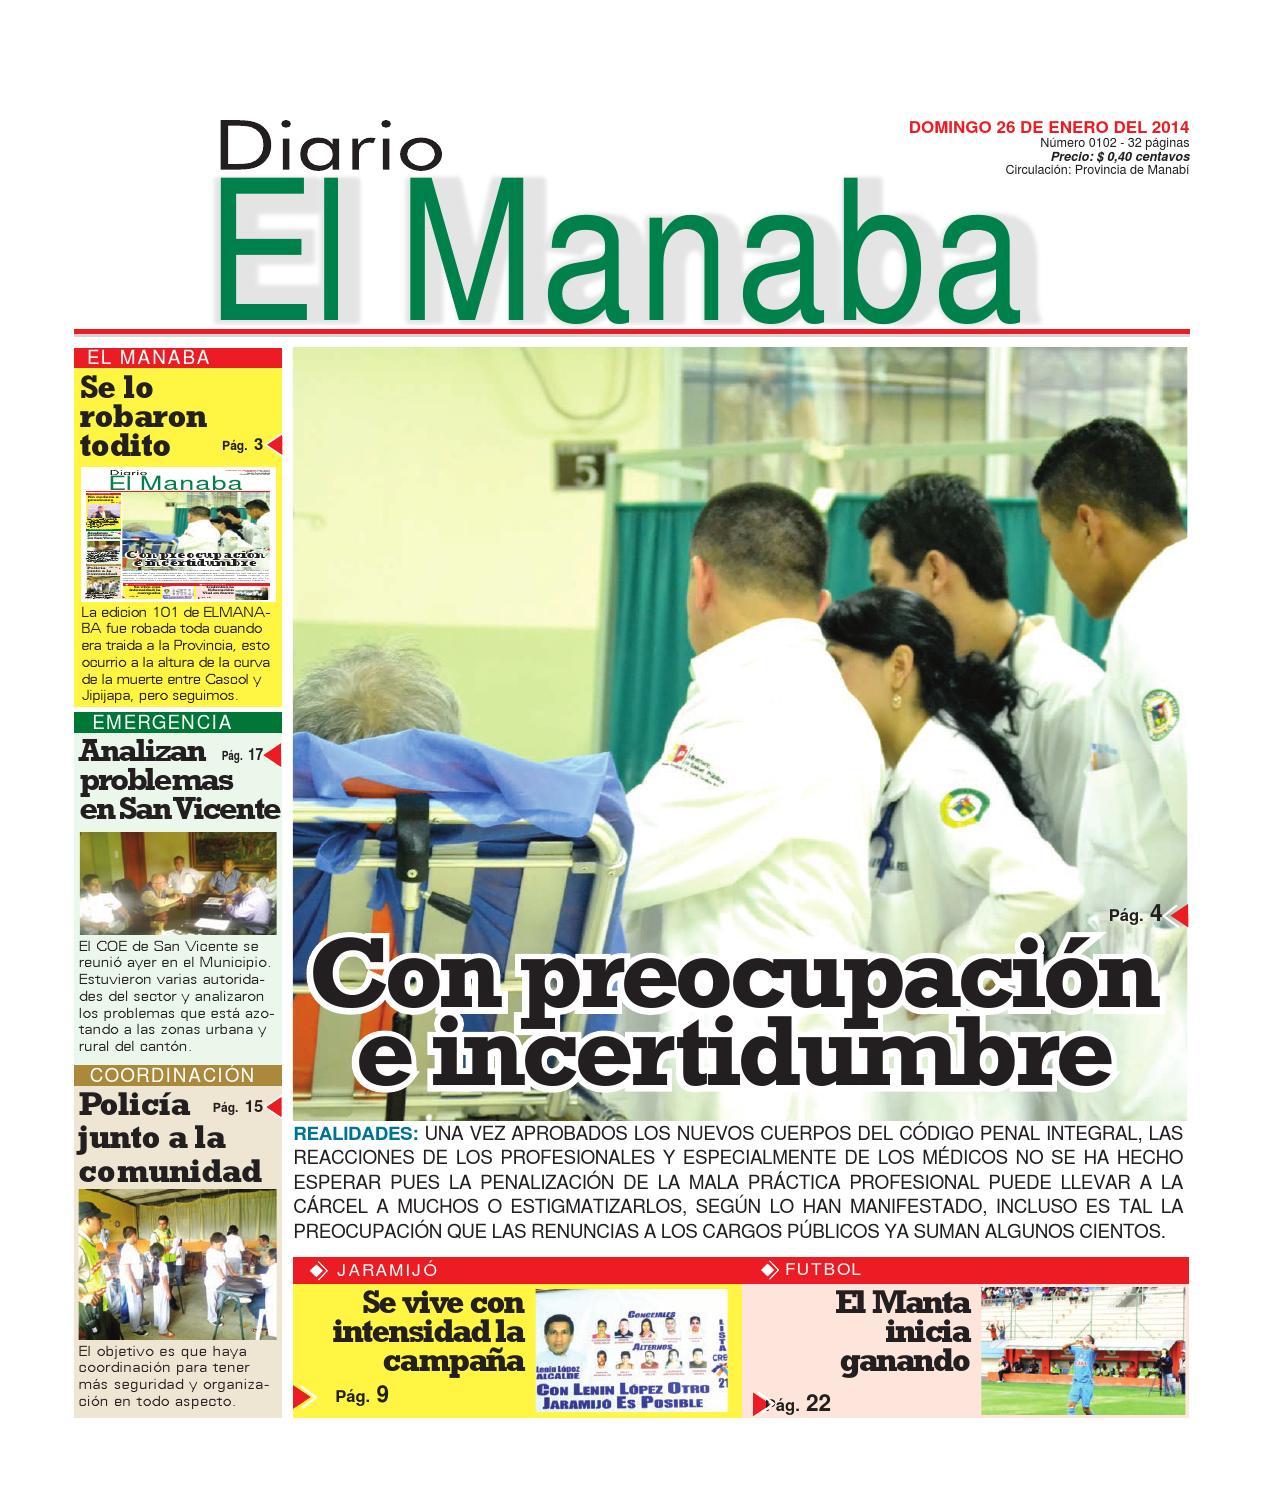 Diario el manaba enero 26 2014 by elmanaba - issuu 757e72c599c